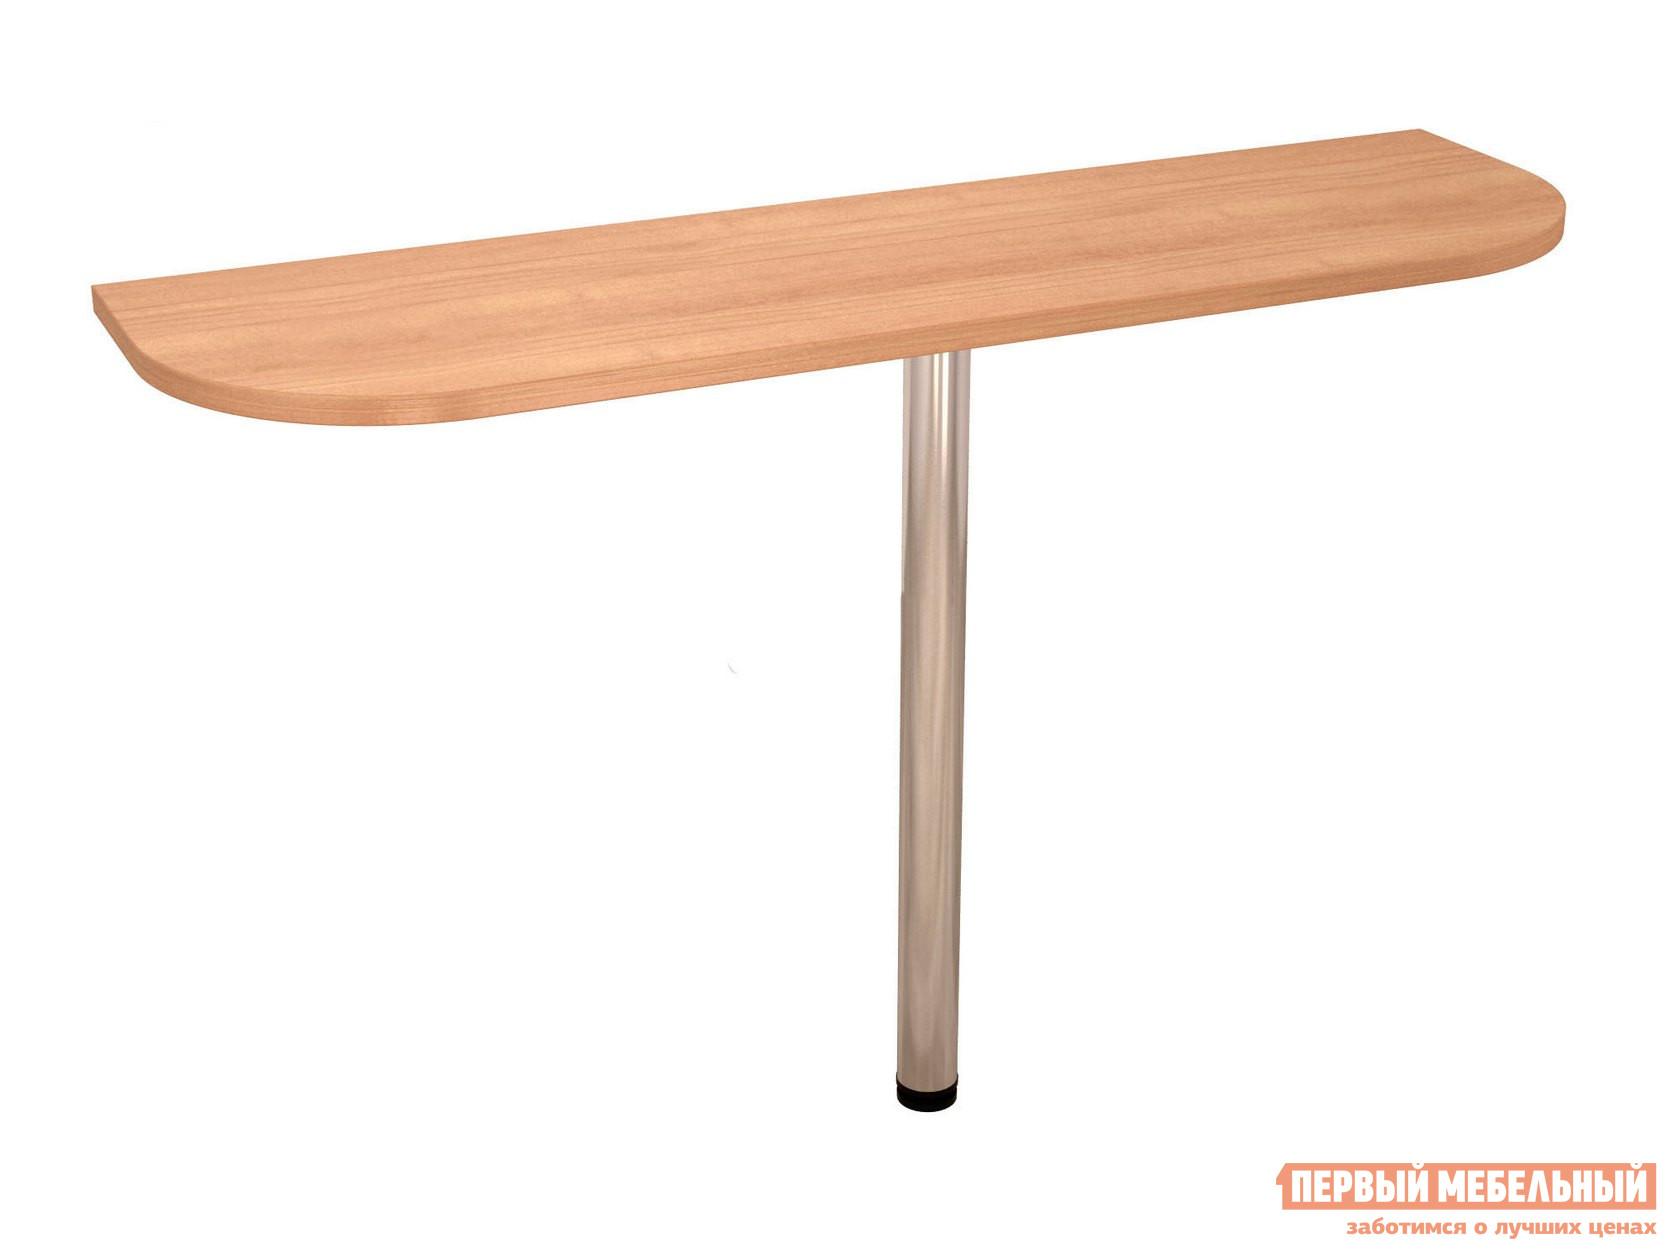 Стол-приставка Витра 61(62).29 письменный стол витра 61 62 19